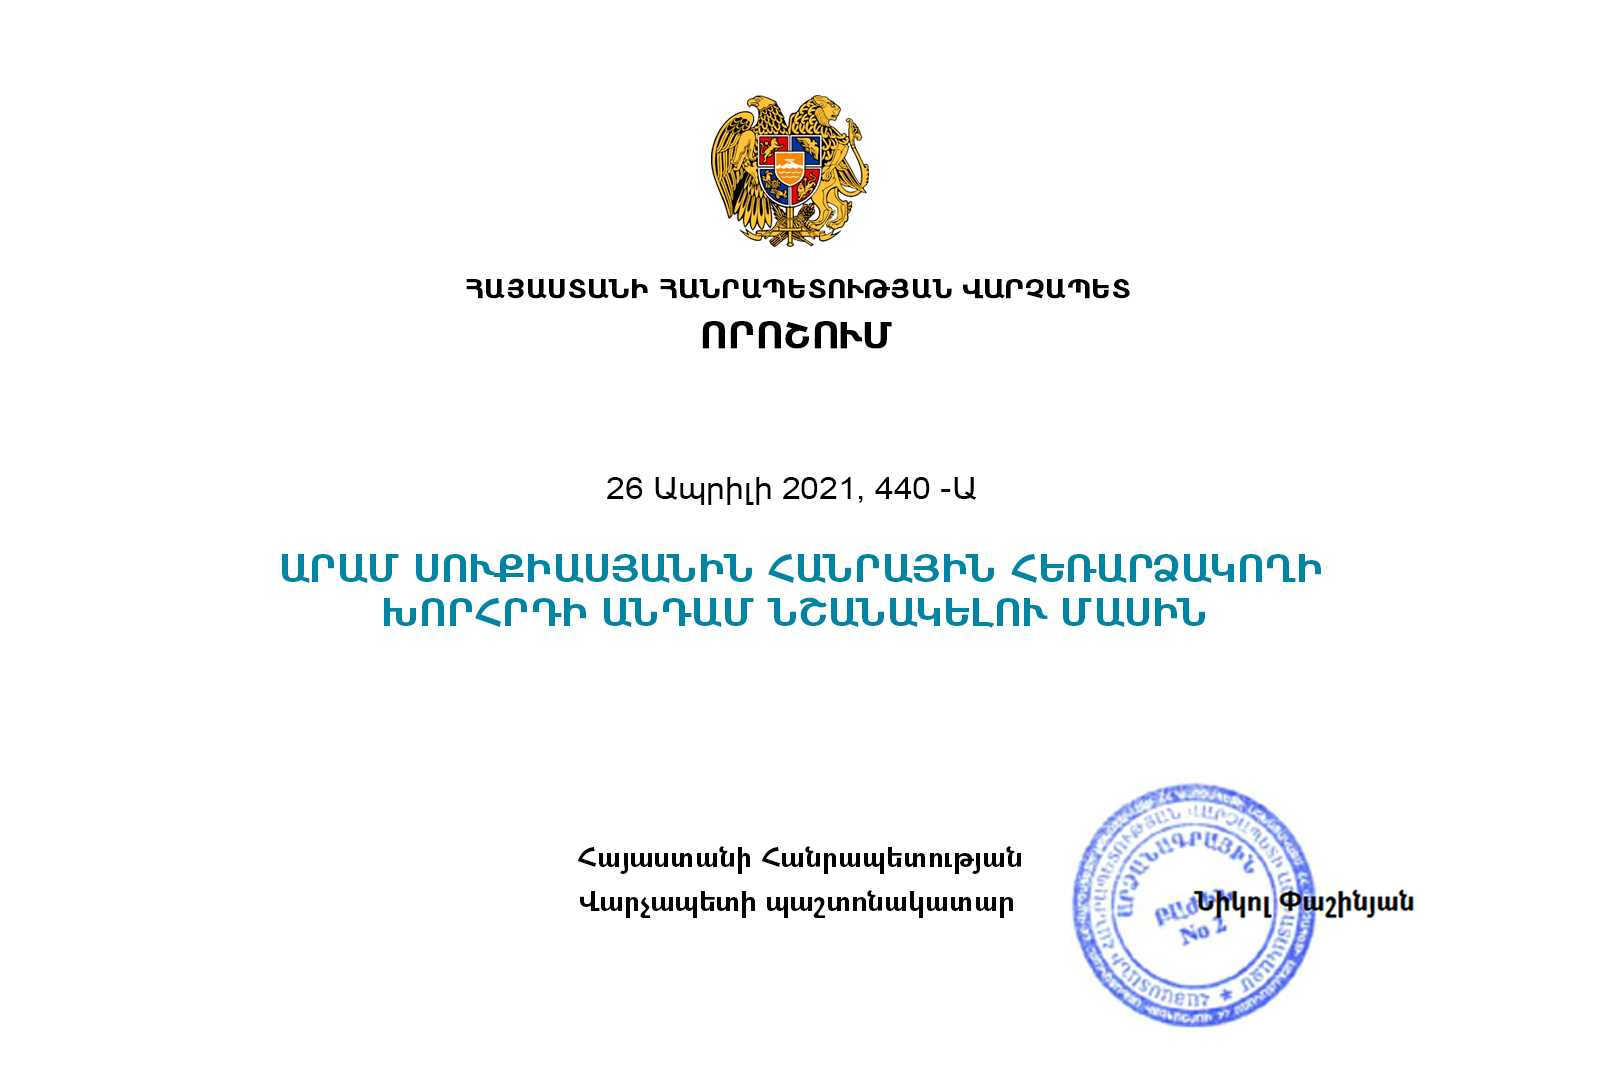 ՀՀ վարչապետի պաշտոնակատարի որոշմամբ Արամ Սուքիասյանը նշանակվել է Հանրային հեռարձակողի  խորհրդի անդամ